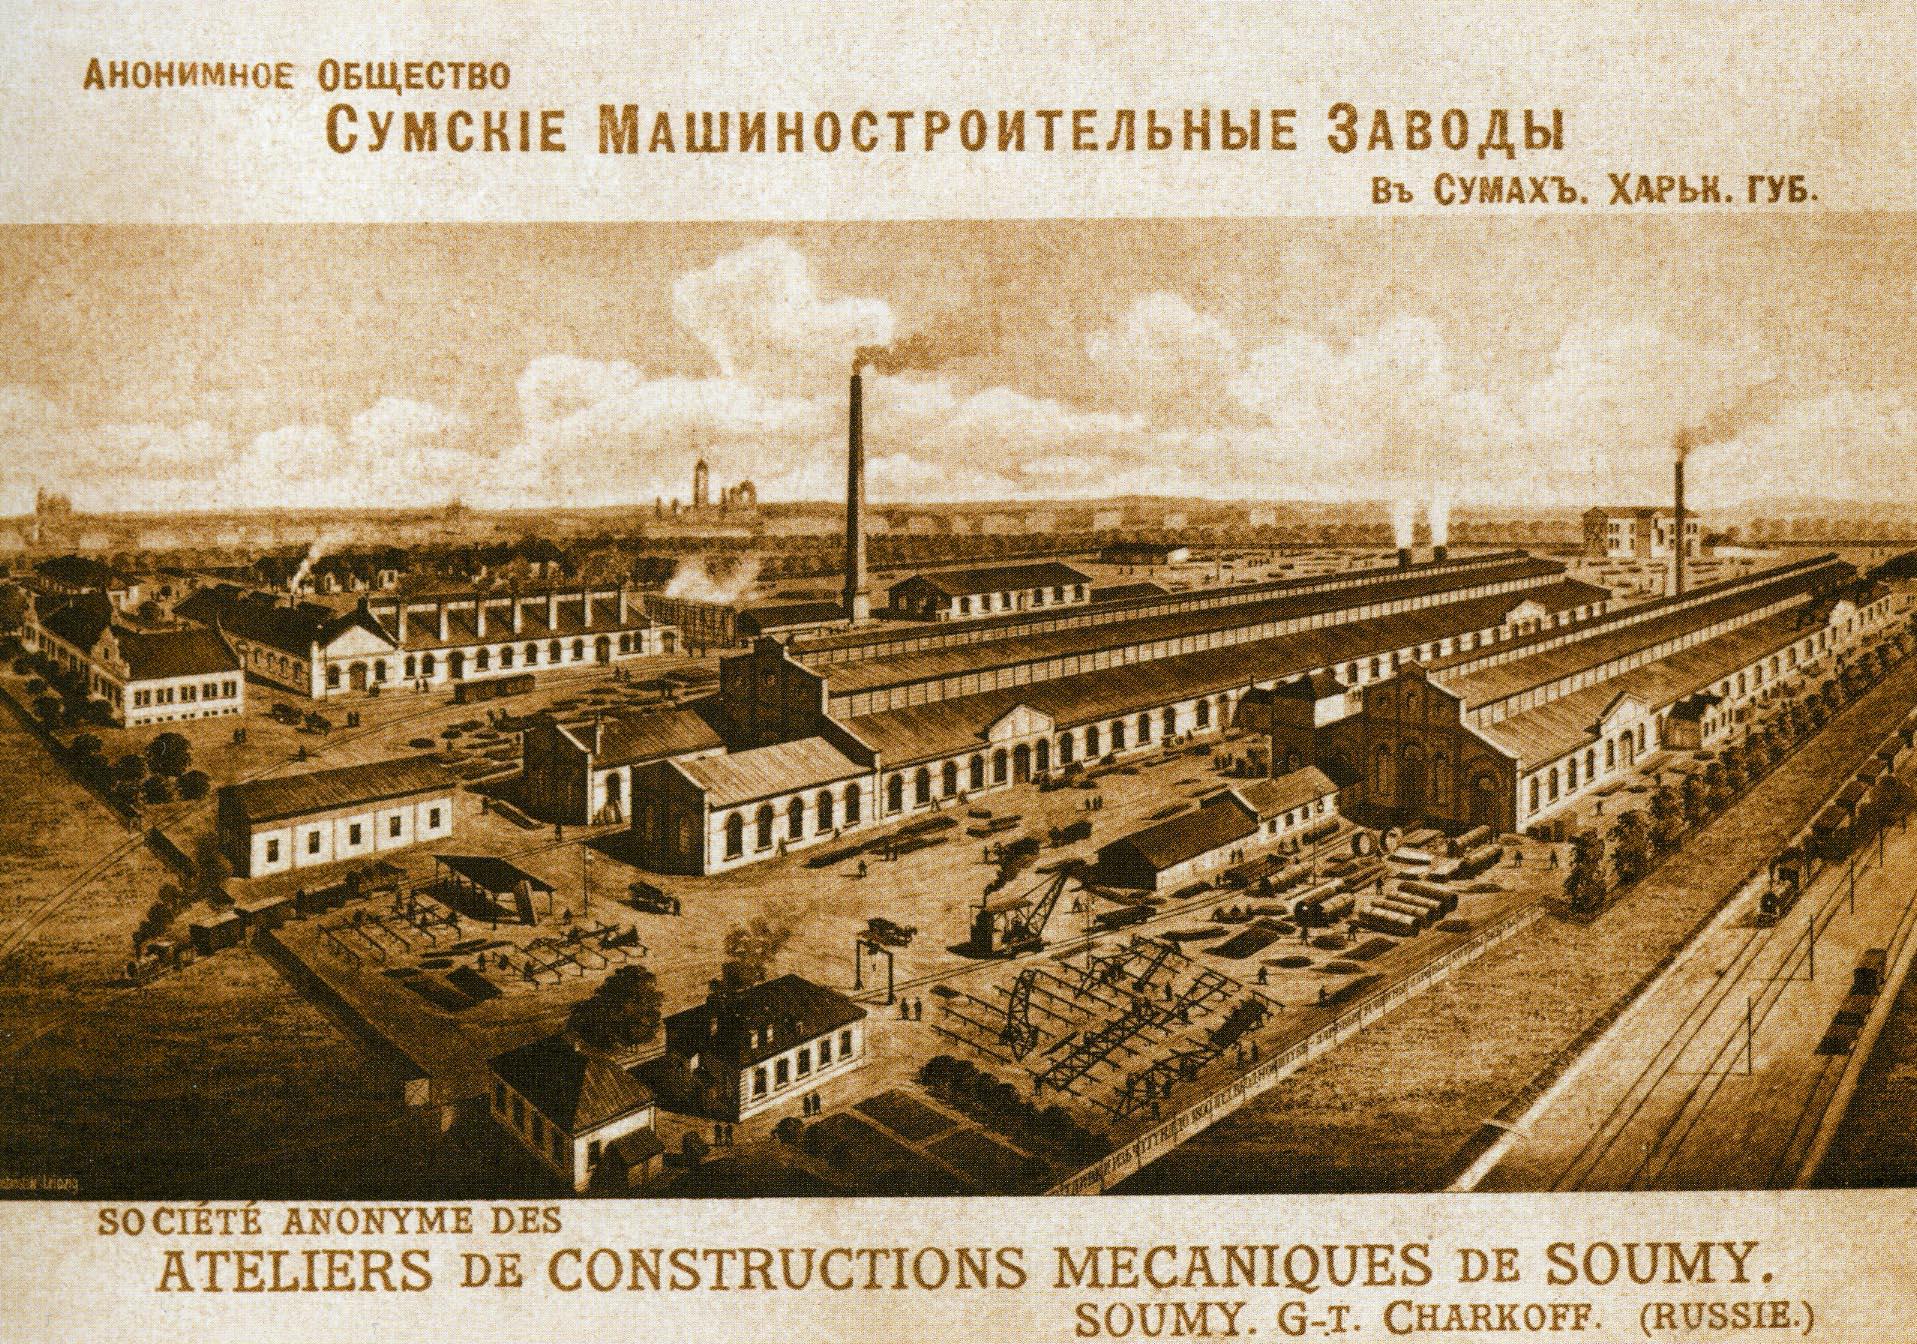 Сумские машиностроительные заводы